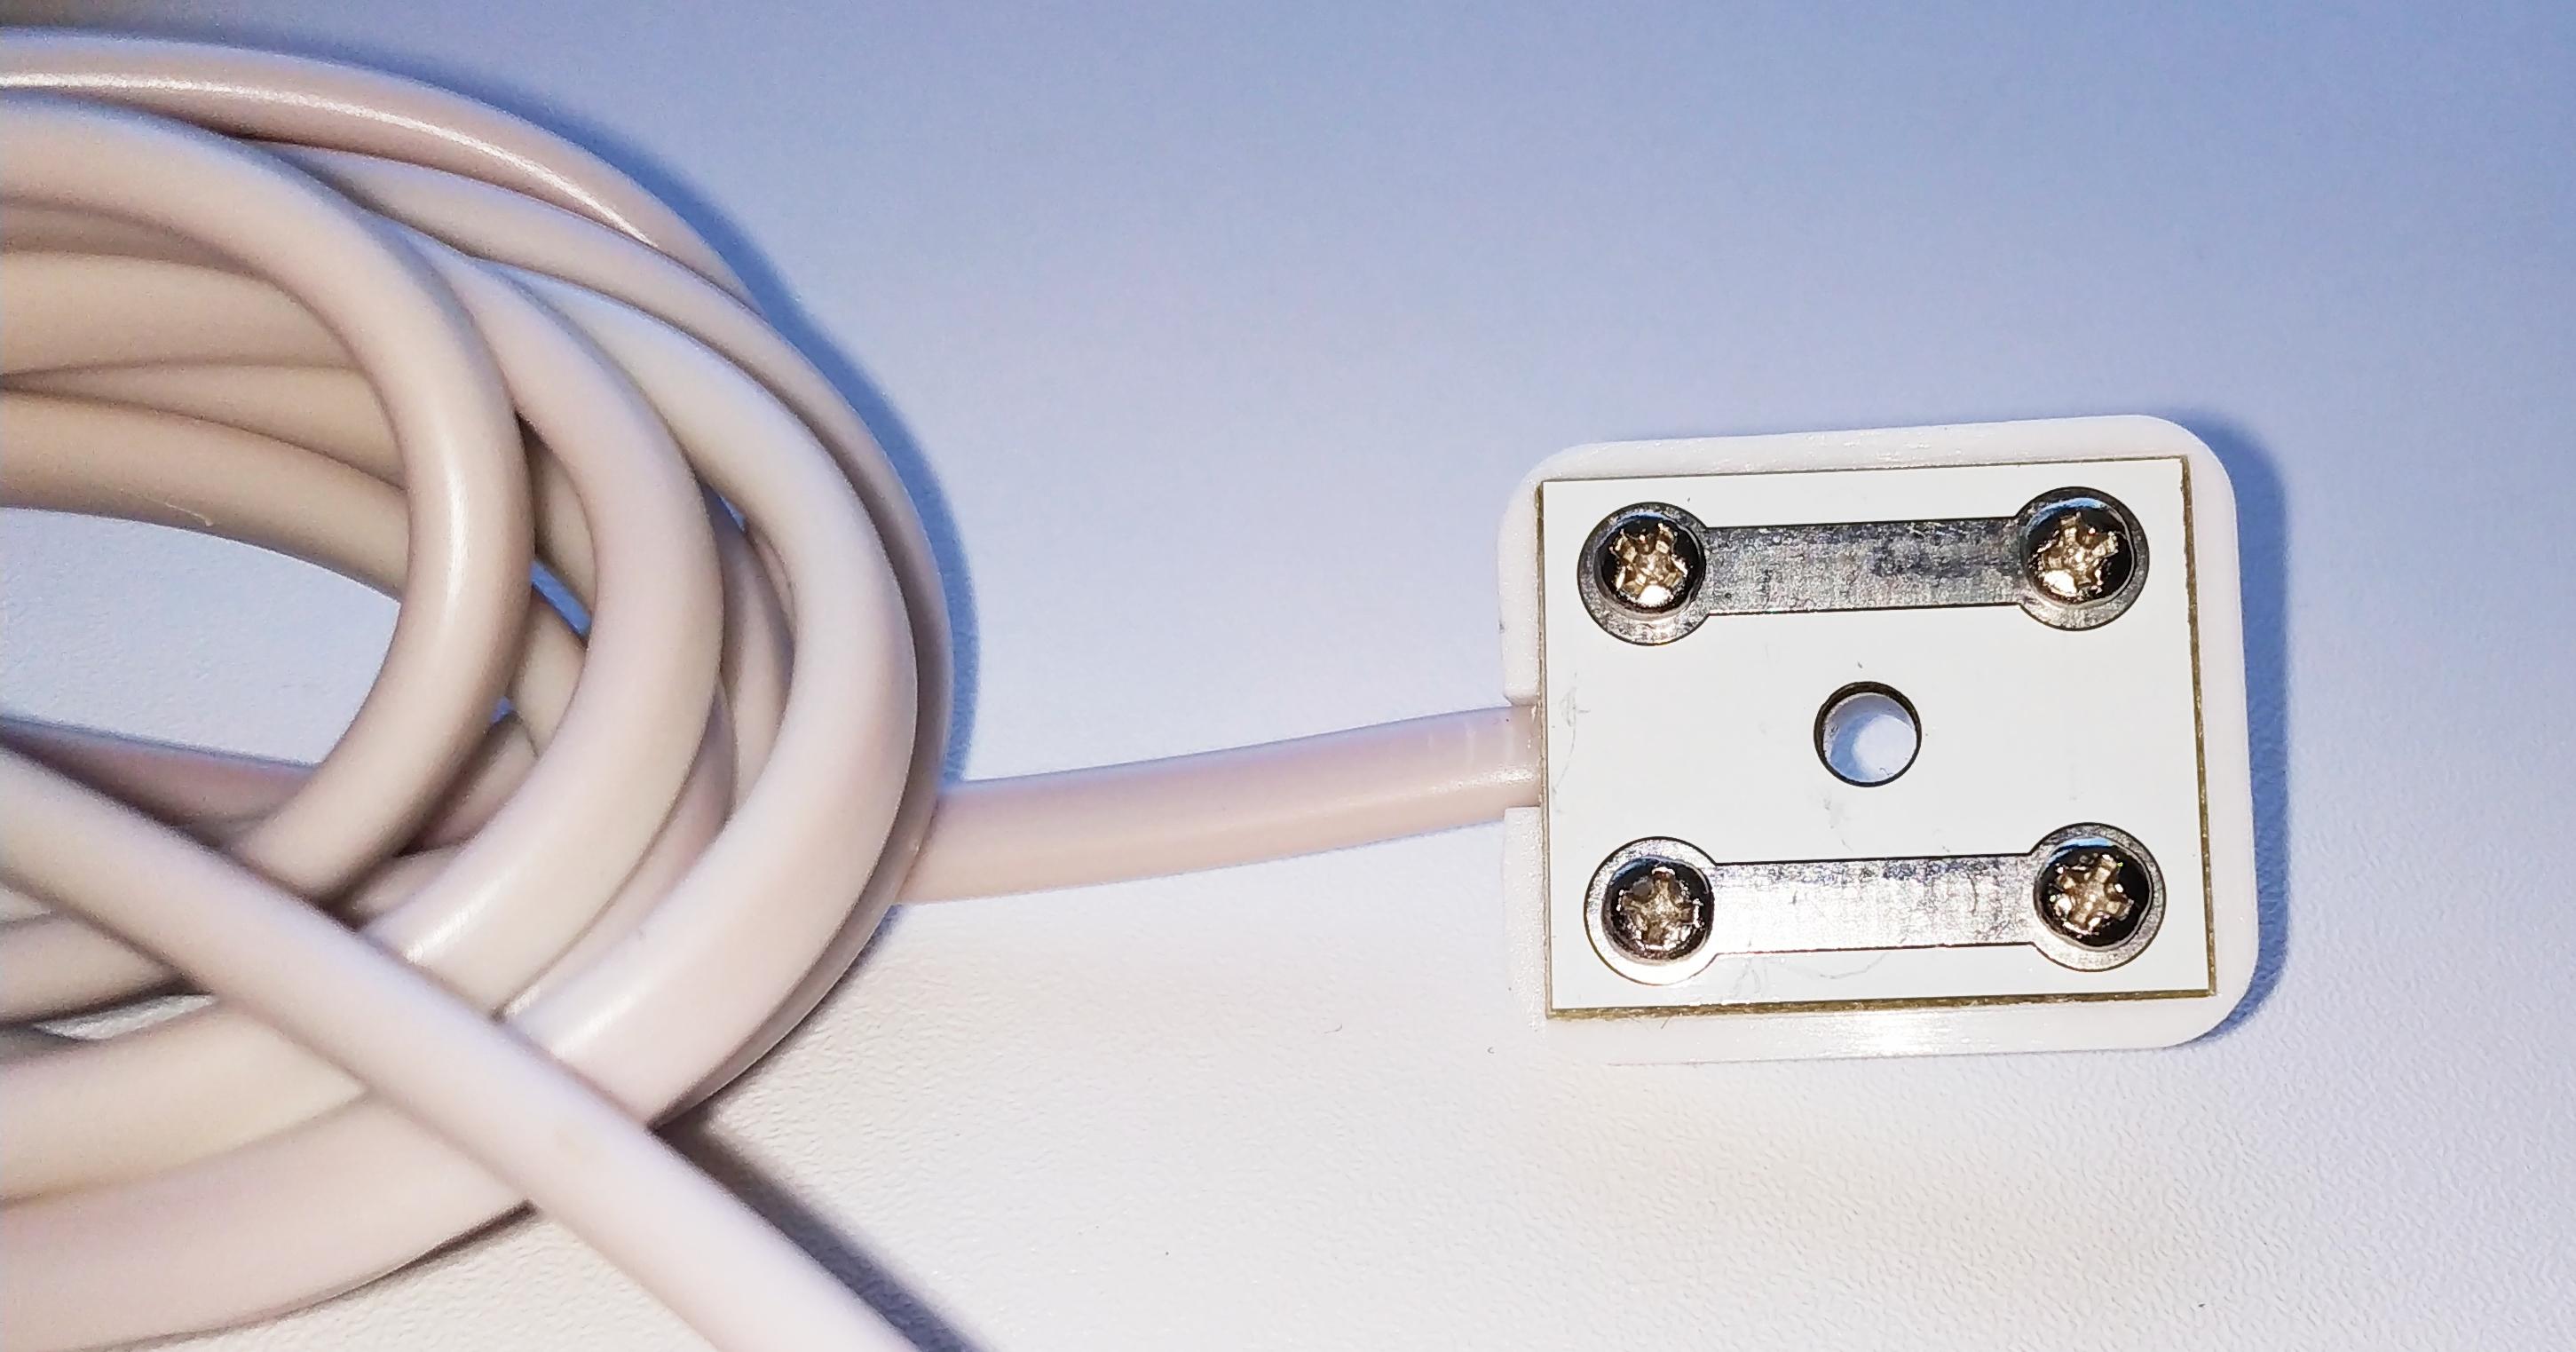 Проводной датчик протечки воды.